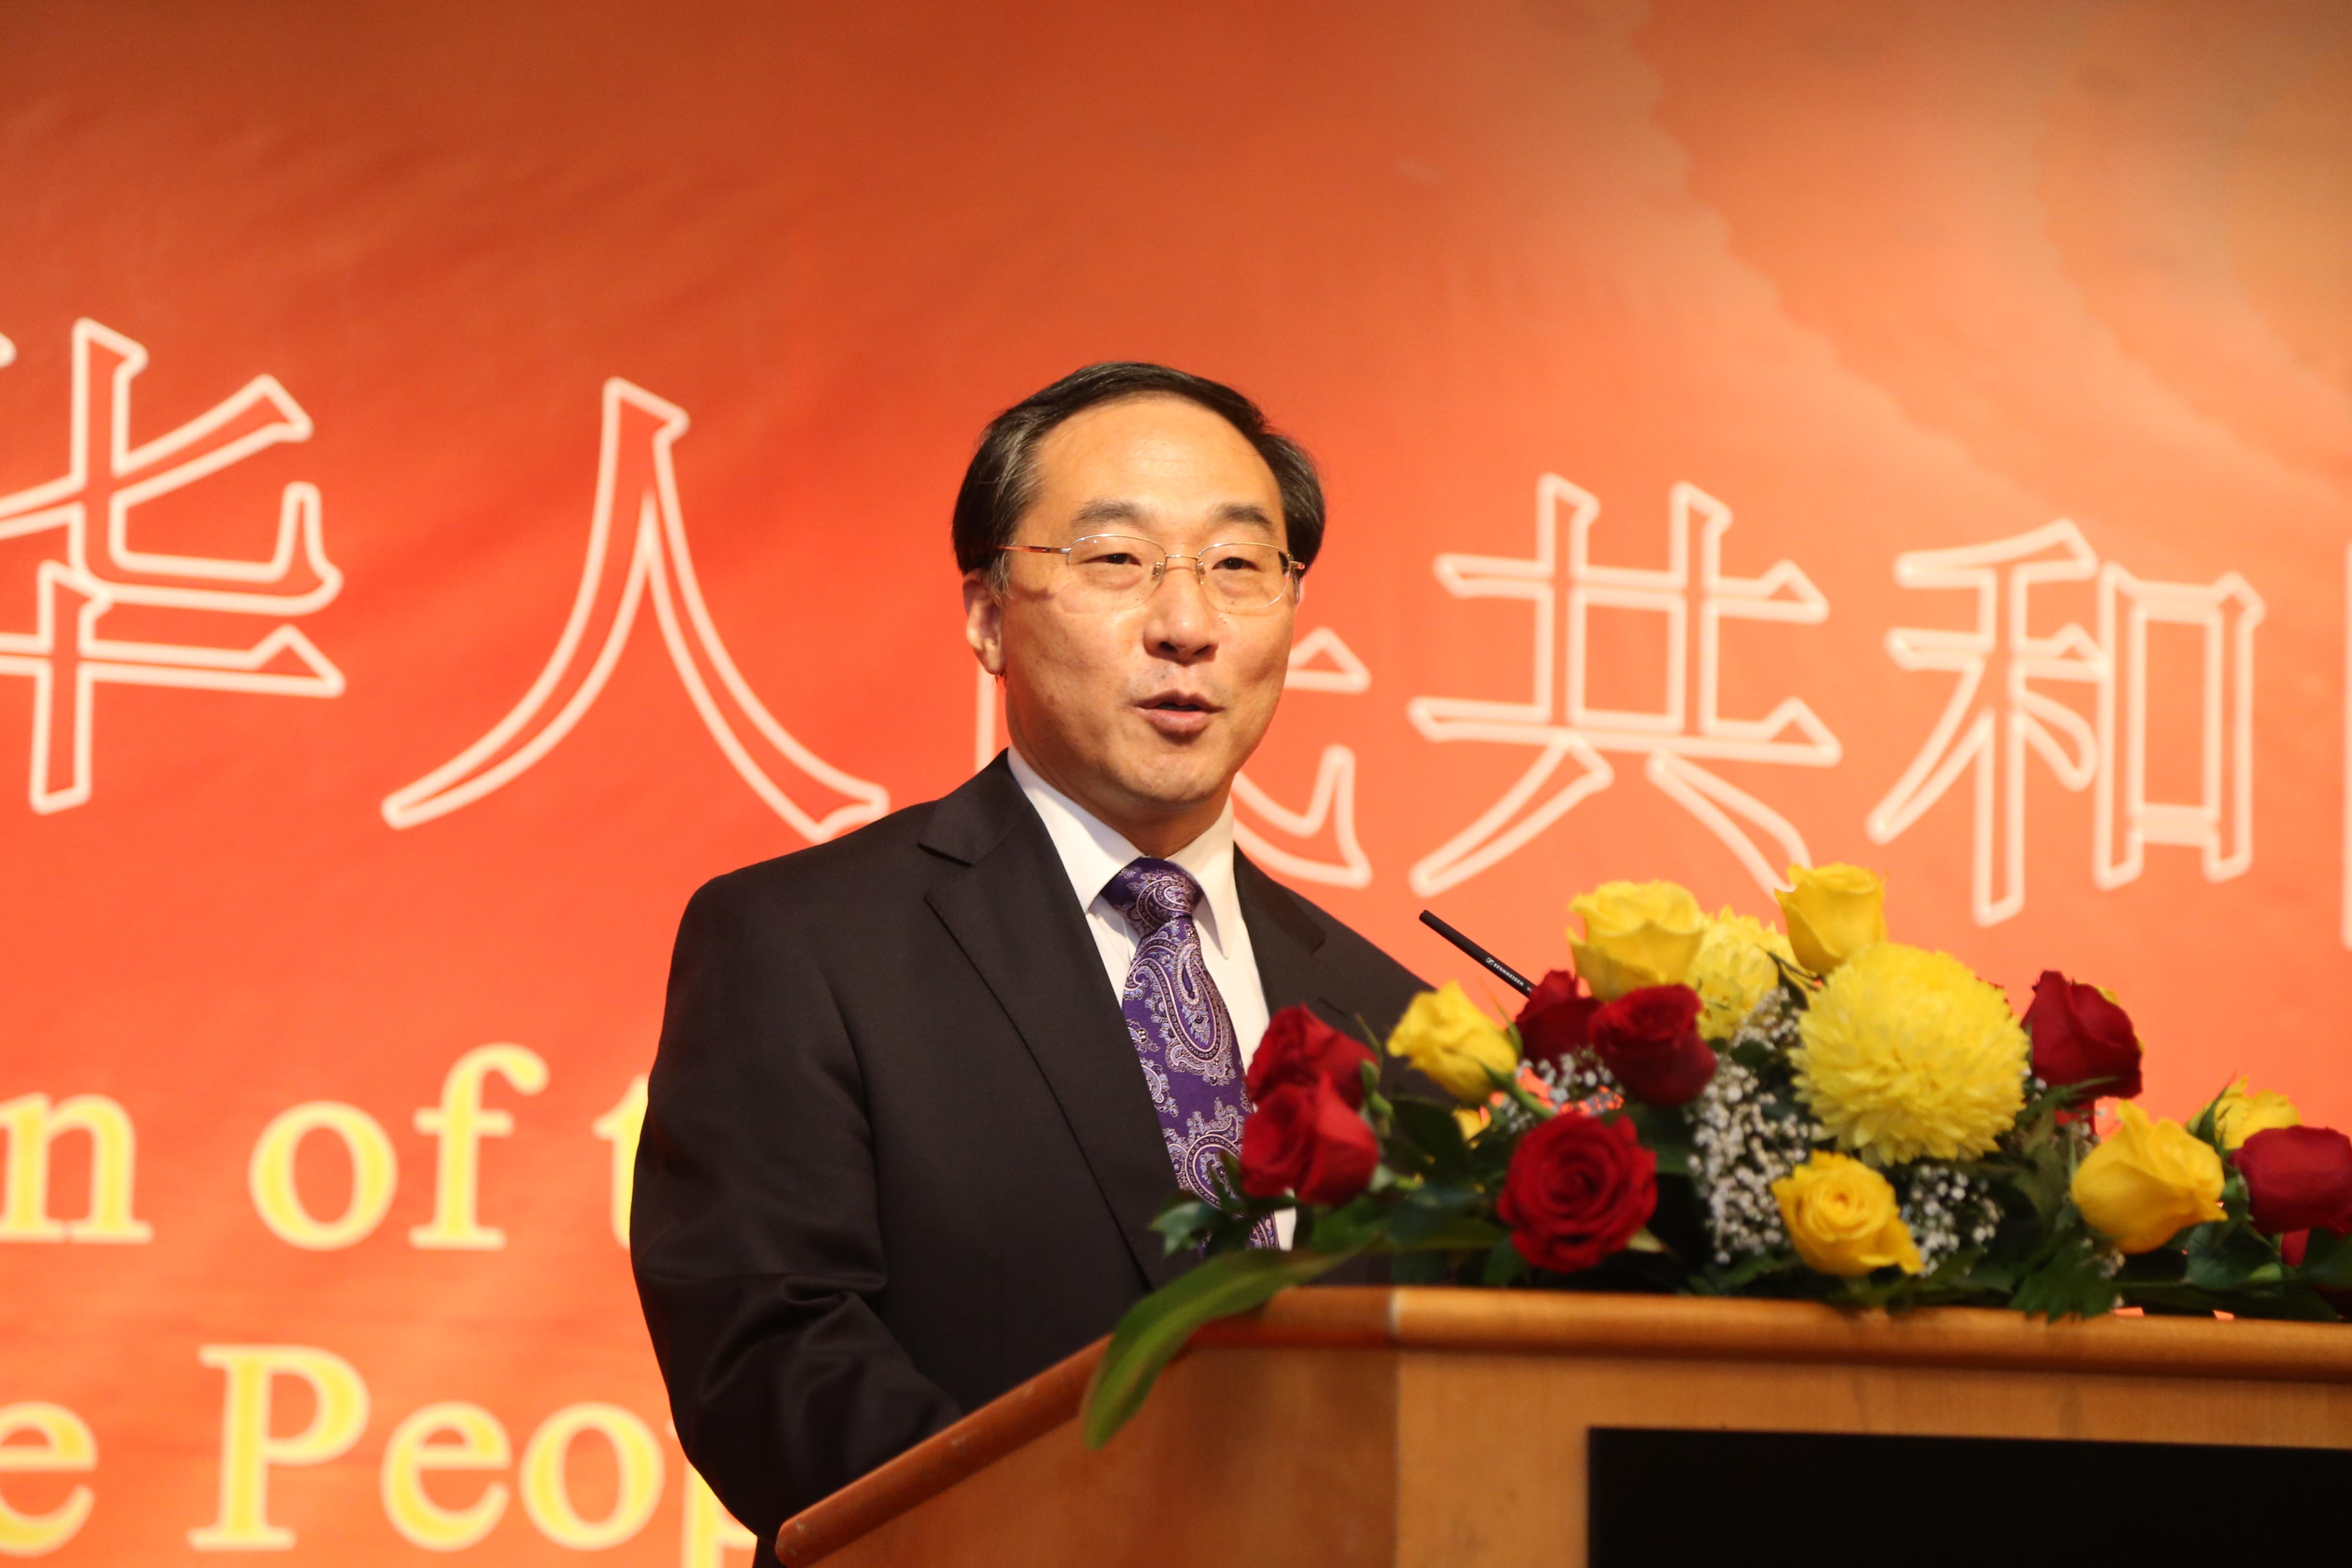 بالصور.. سفارة الصين تحتفل باليوم الوطني الـ 69 لبلادها